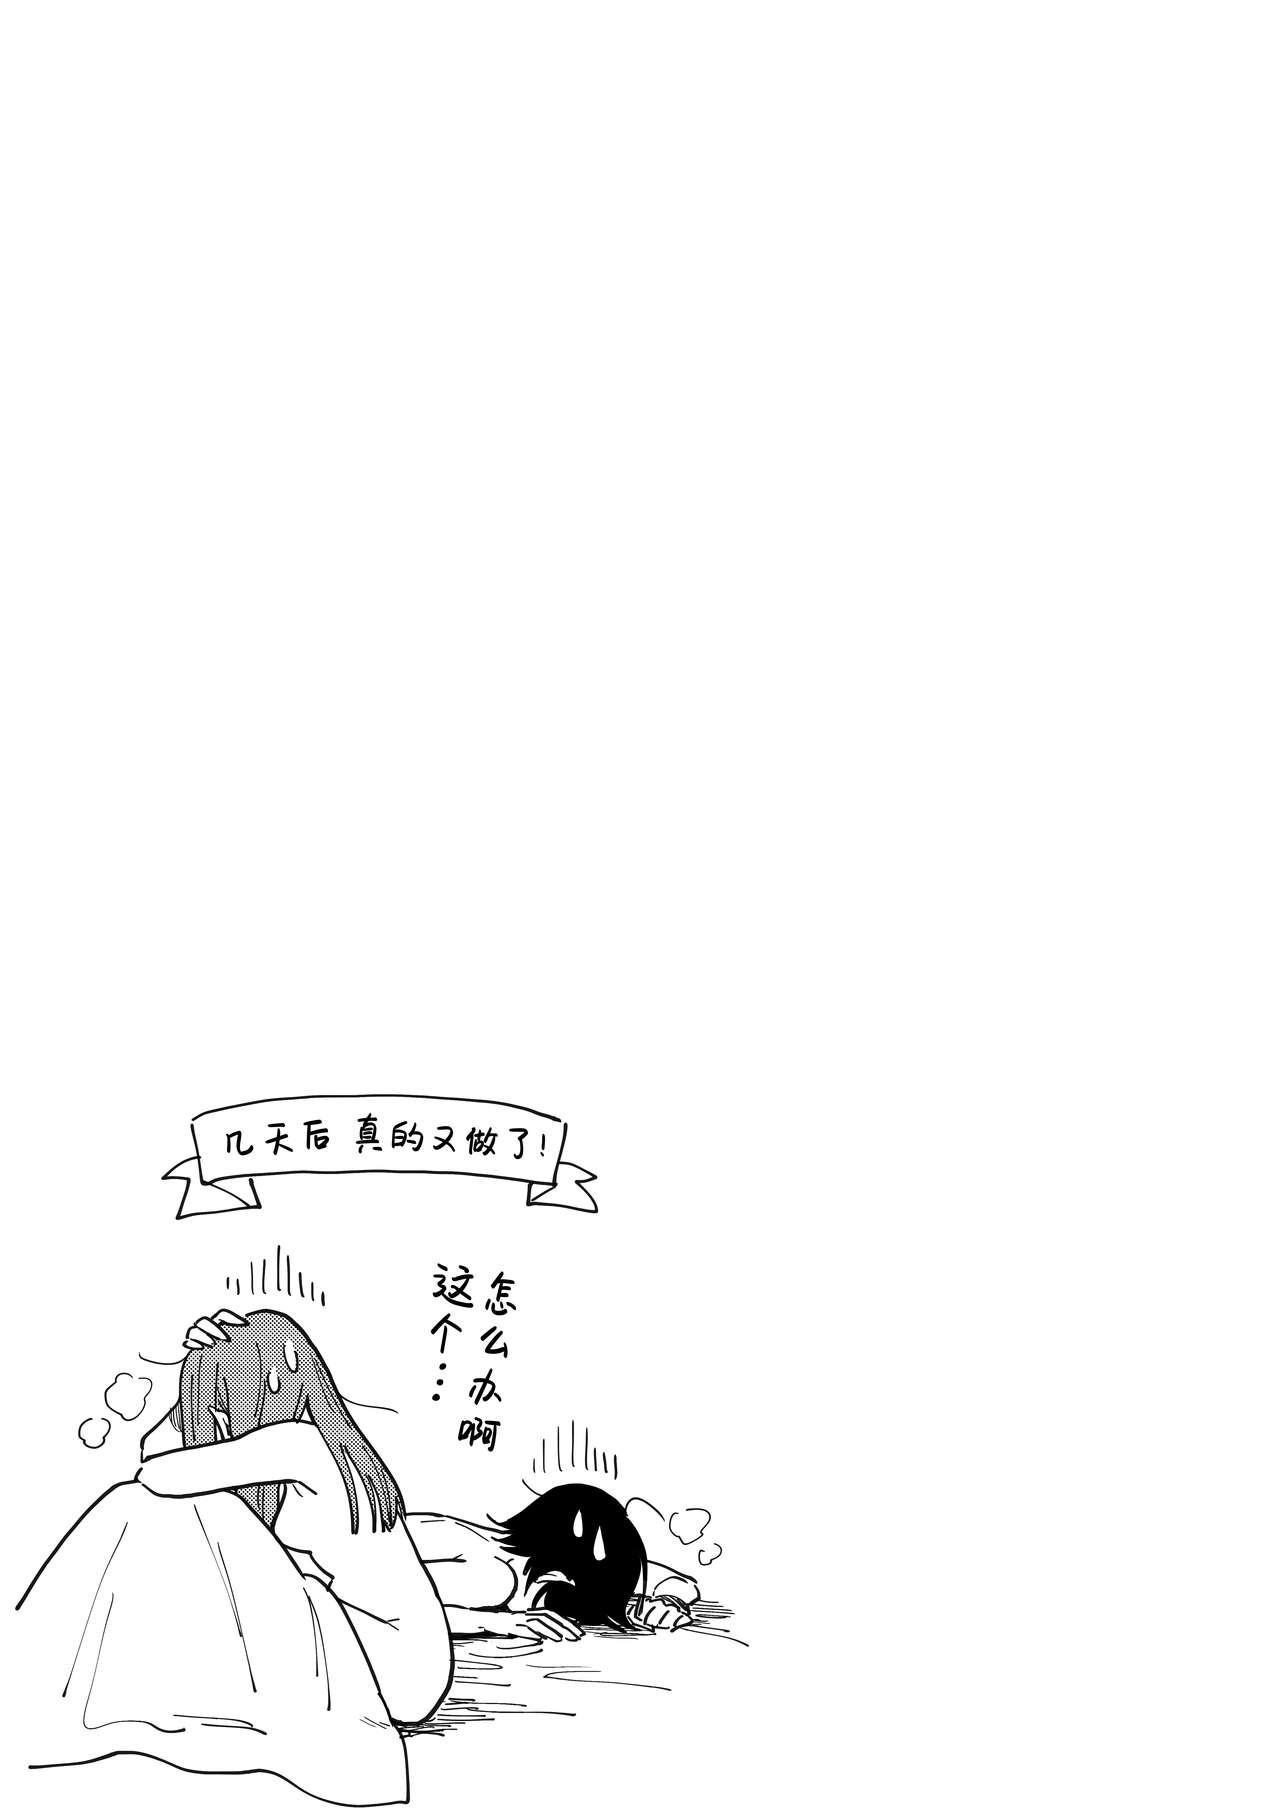 Tsukiatte Nai Kedo Yarimashita | 明明没有在交往,却还是做了 25